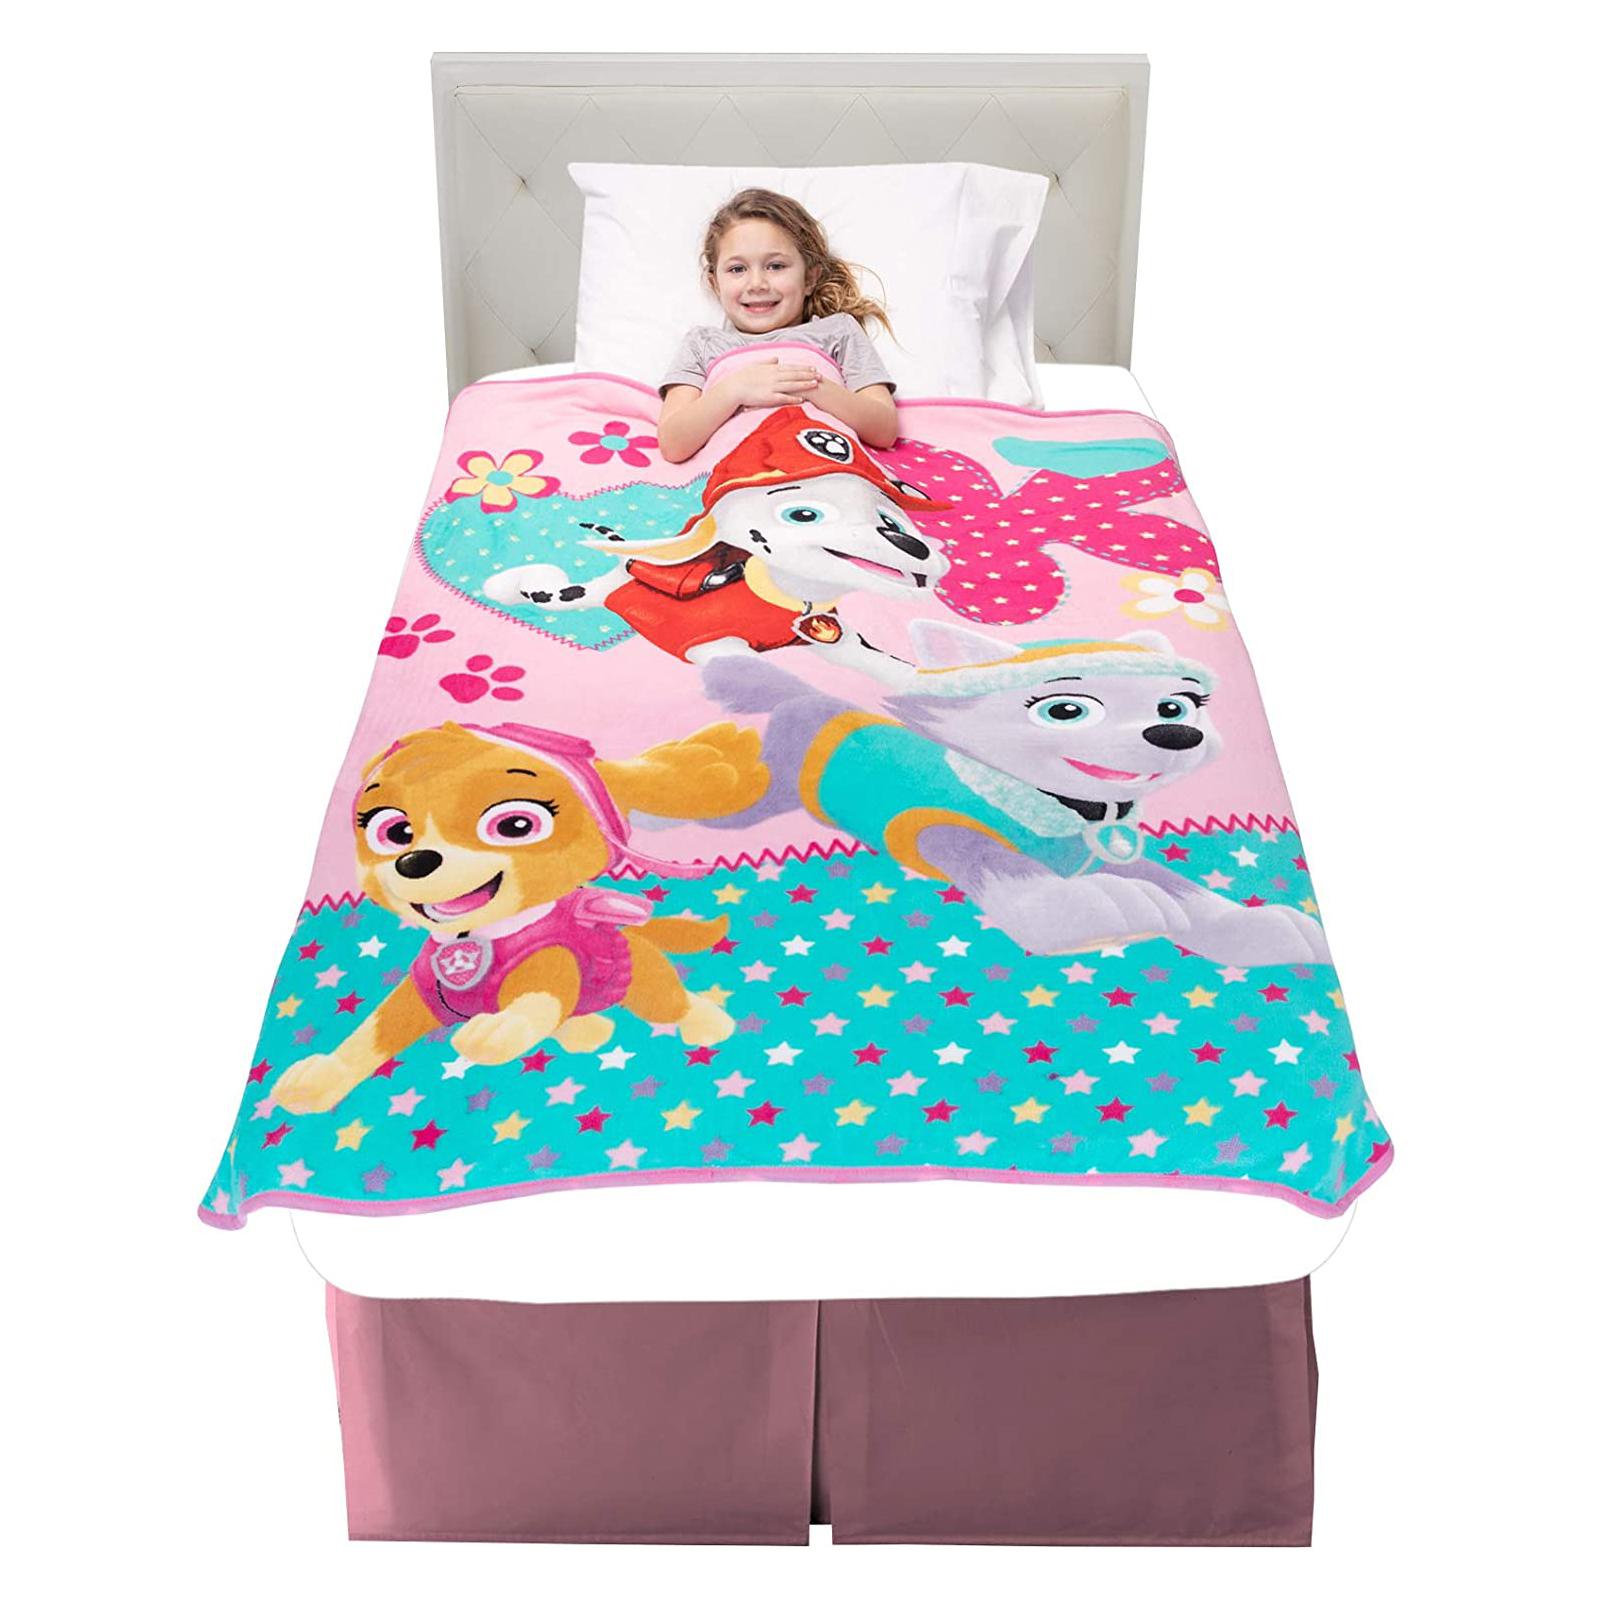 couvre lit couverture pat patrouille pour fille